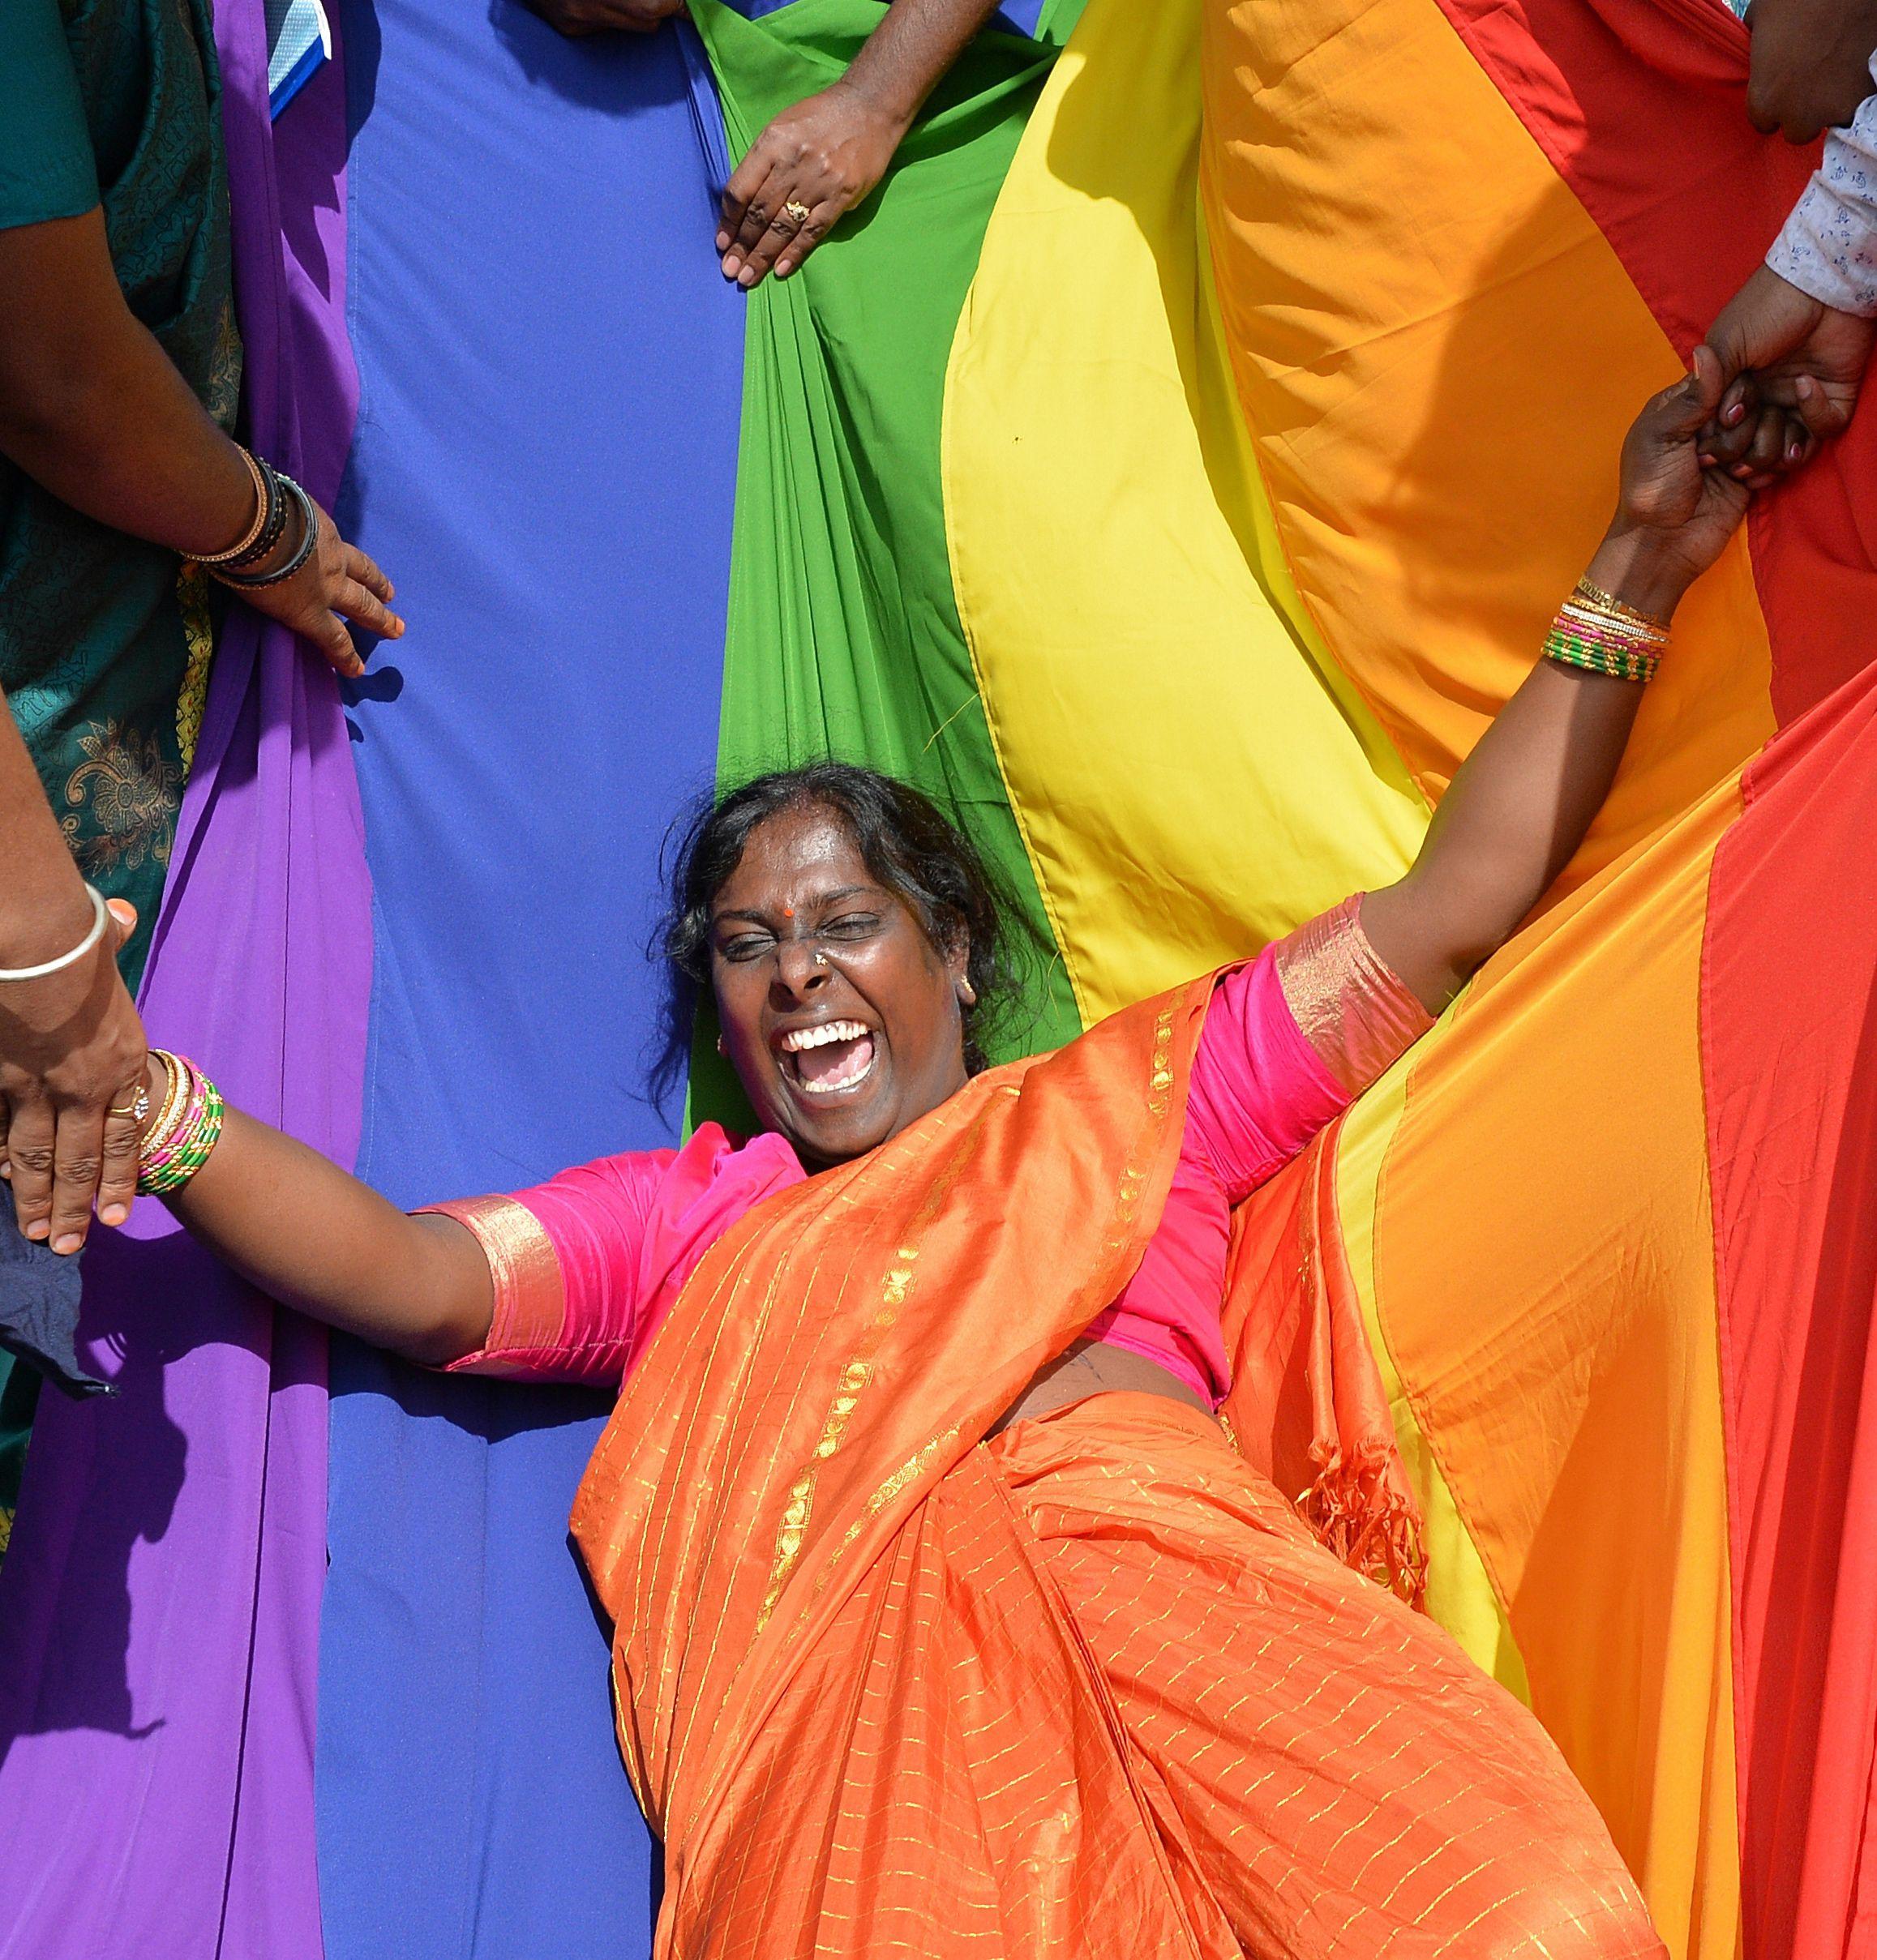 احدى المثليات ترقص فرحا بالحكم